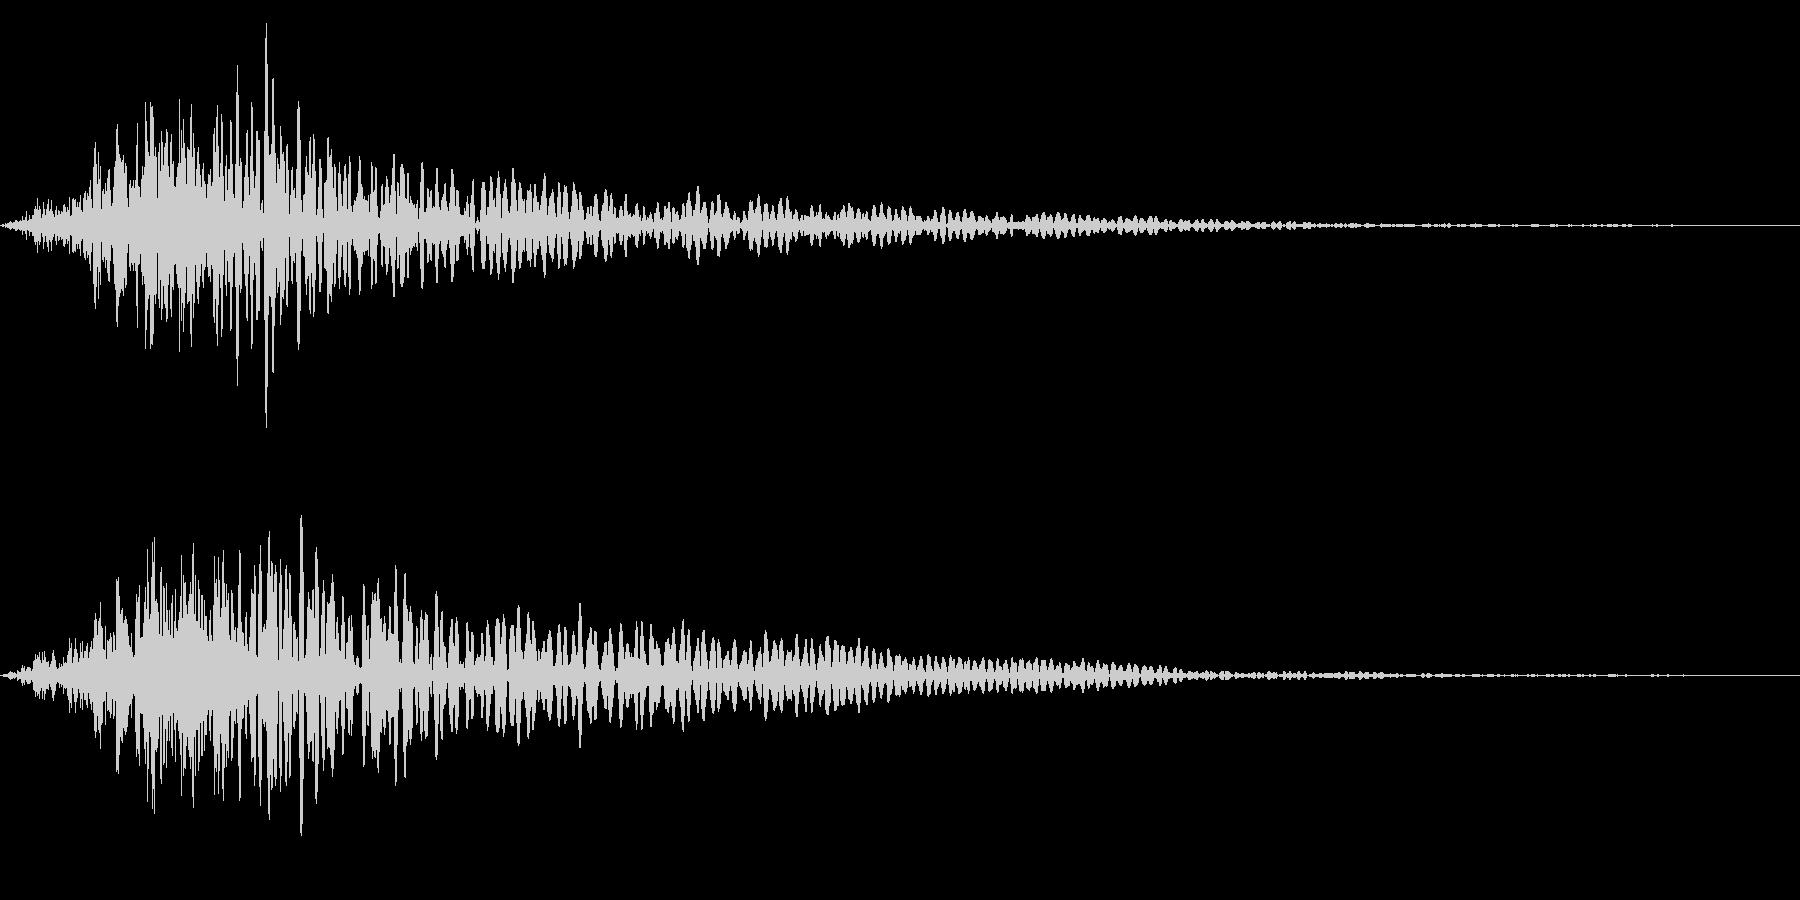 ホラー系アタック音104の未再生の波形